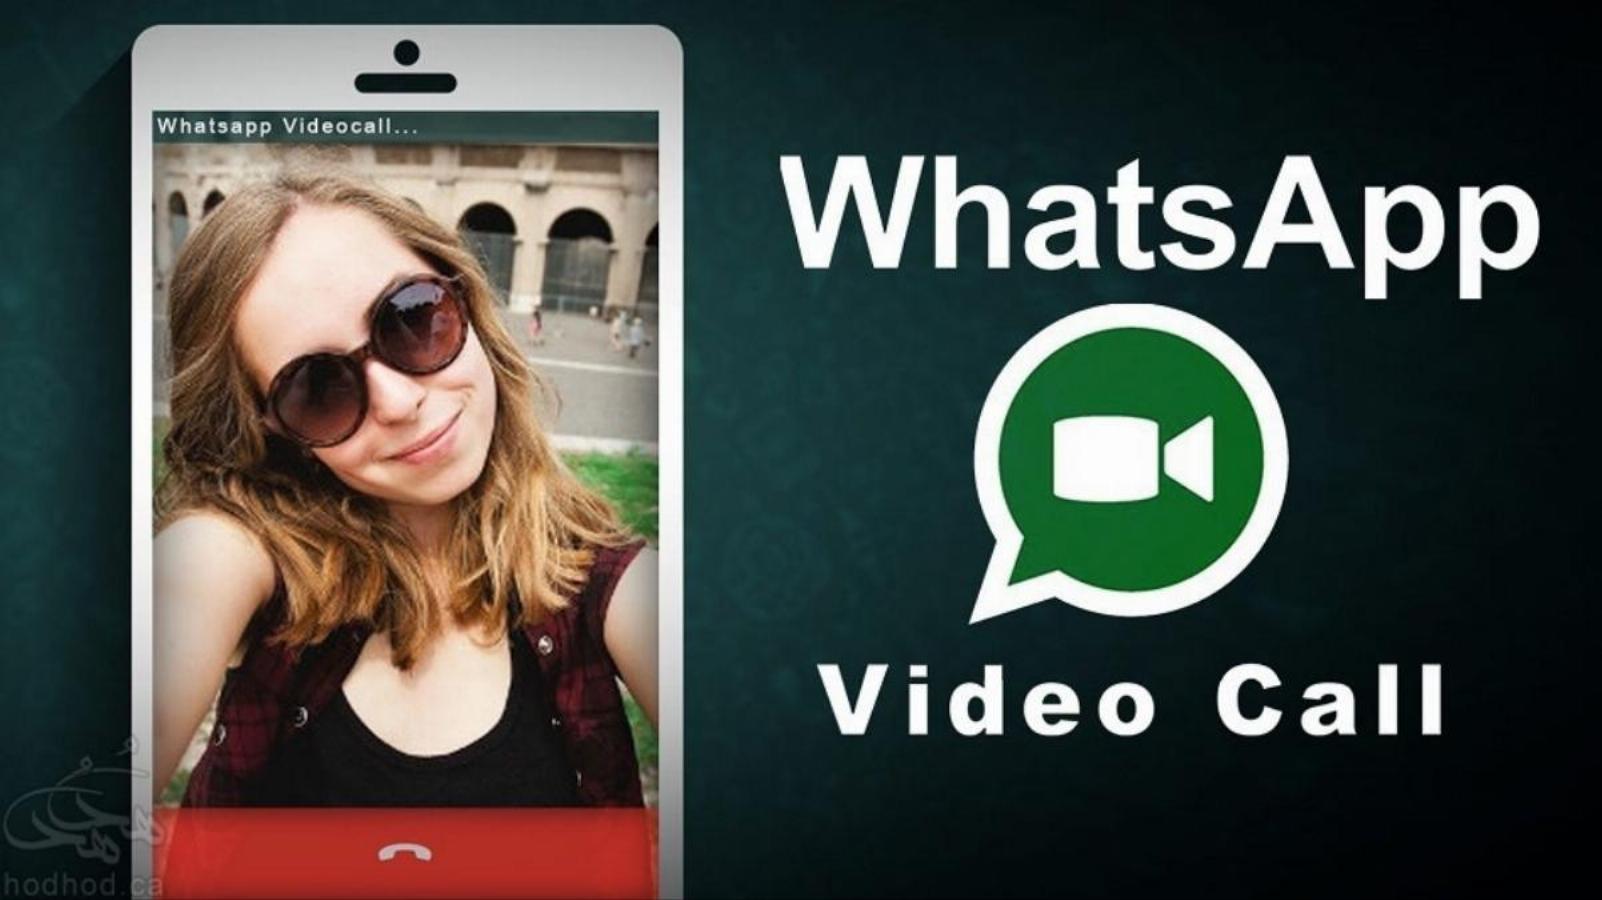 امکان مکالمه تصویری در نسخه جدید پیام رسان WhatsApp